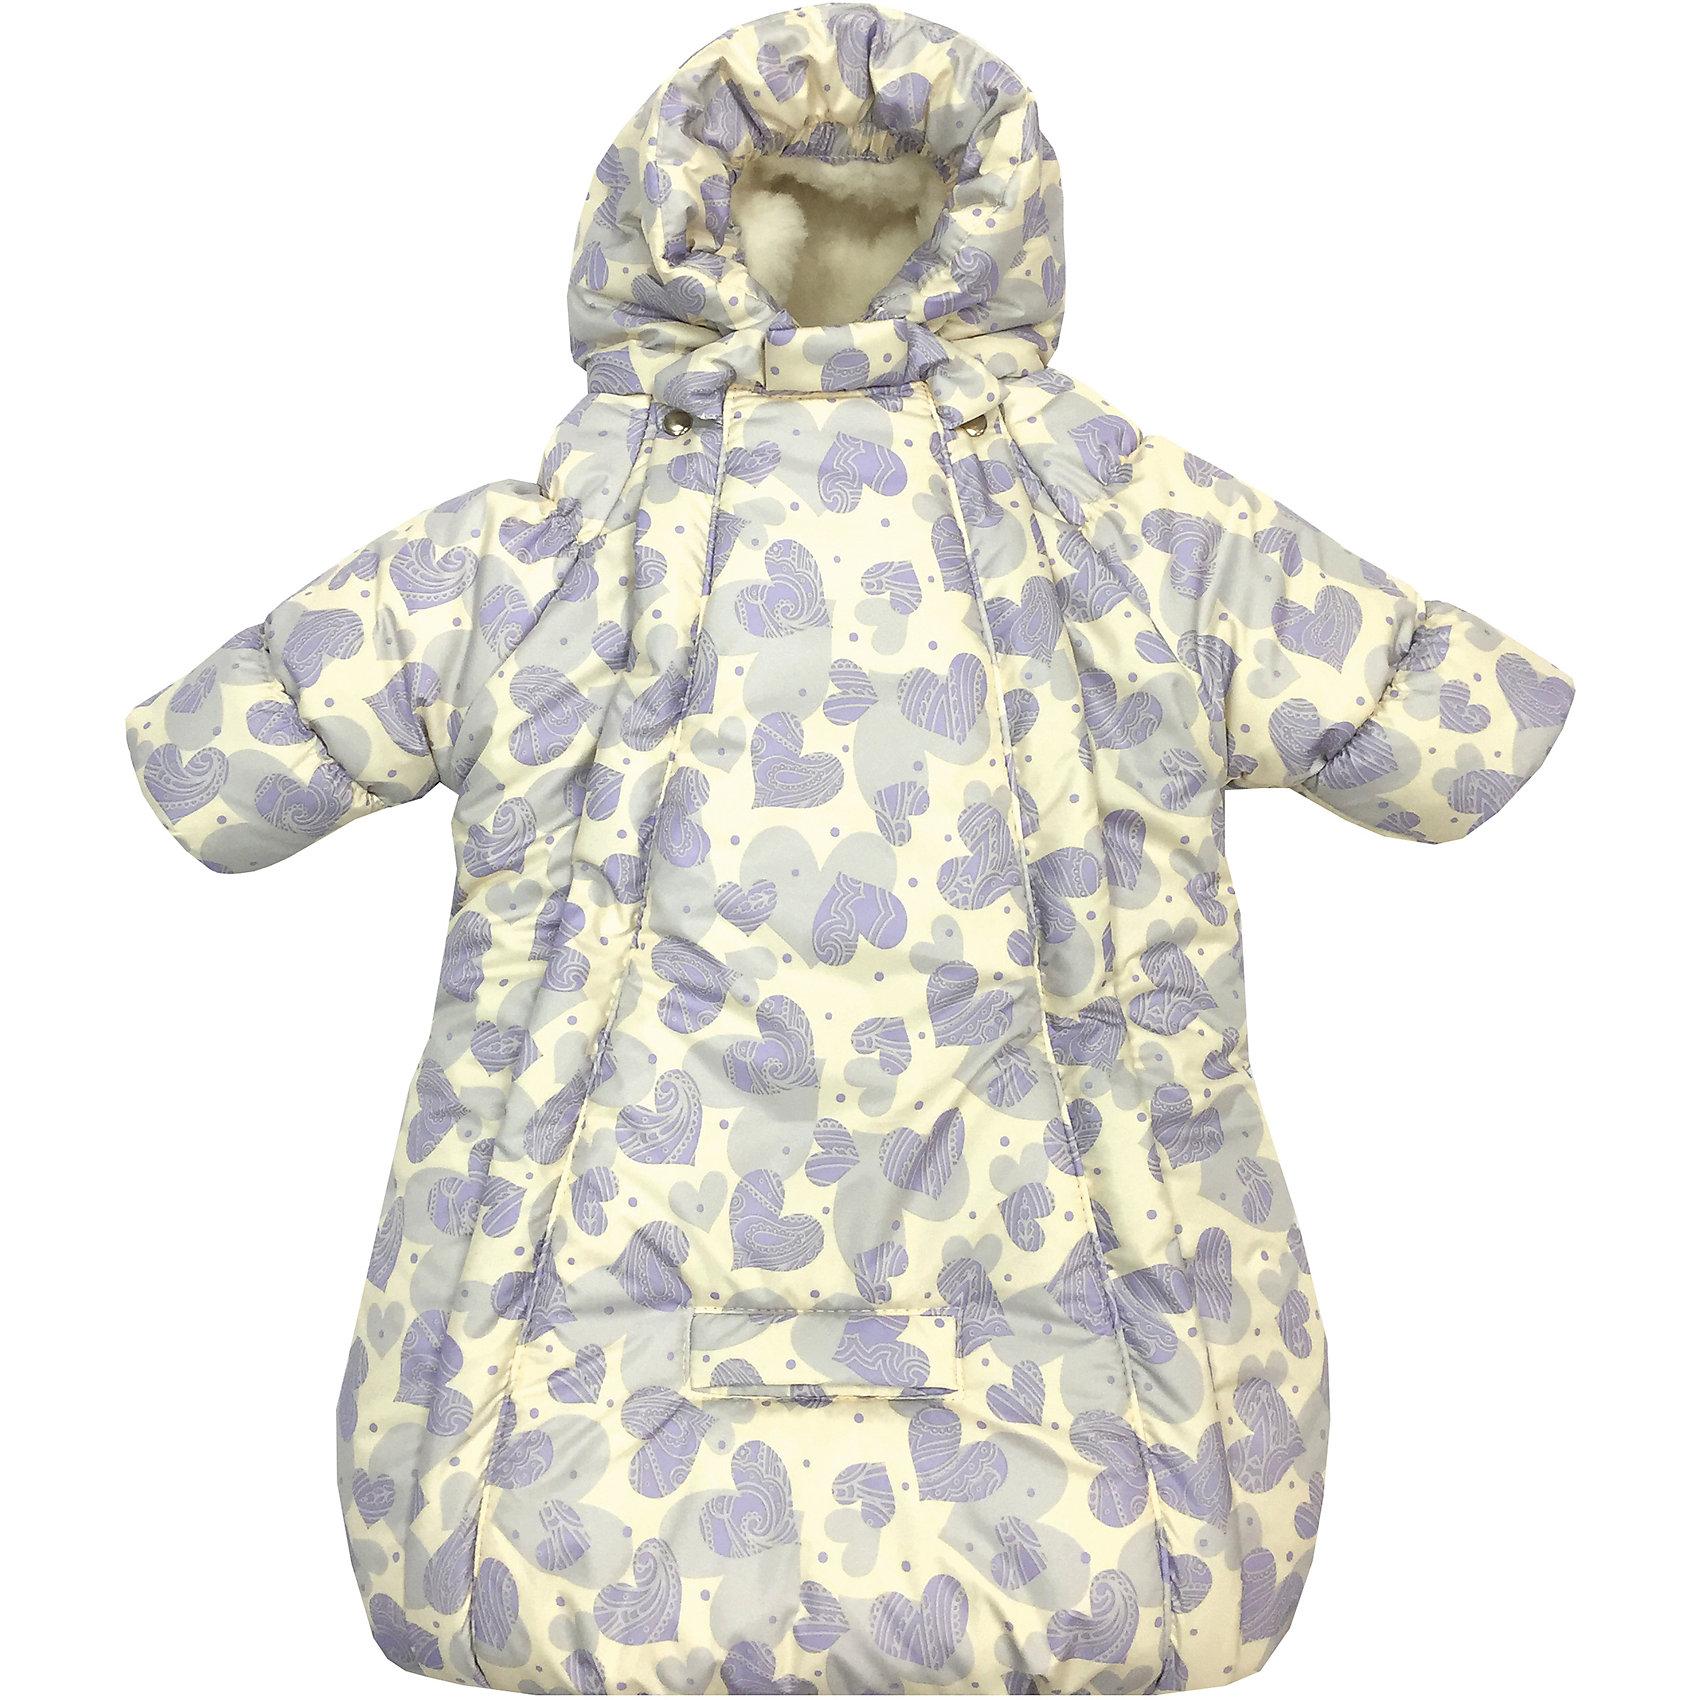 Конверт-комбинезон с ручками Сердца, овчина, СуперМаМкет, фиолетовыйЗимние конверты<br>Характеристики:<br><br>• Вид детской одежды: верхняя<br>• Предназначение: для прогулок, на выписку<br>• Возраст: от 0 до 6 месяцев<br>• Сезон: зима<br>• Степень утепления: высокая<br>• Температурный режим: от 0? С до -30? С<br>• Пол: универсальный<br>• Тематика рисунка: сердечки<br>• Цвет: молочный, фиолетовый<br>• Материал: верх – мембрана (плащевка), утеплитель – 150 г. синтепона, подклад – овечий ворс на тканевой основе<br>• Форма конверта: комбинезон-конверт<br>• По бокам имеются застежки-молнии<br>• Застежка на кнопках у горловины<br>• На комбинезоне предусмотрены прорези как для 3-х точечных, так и для 5-ти точечных ремней безопасности<br>• У рукавов предусмотрены манжеты-отвороты<br>• Капюшон с регулировкой по овалу лица<br>• Размеры (Ш*Д): 45*75 см, длина от плеча до низа 56 см<br>• Вес: 800 г <br>• Особенности ухода: допускается деликатная стирка без использования красящих и отбеливающих средств<br><br>Комбинезон-конверт от СуперМаМкет выполнен в форме расширенного книзу кокона, на рукавах предусмотрены отвороты для защиты от холода детских ручек, капюшон имеет регулировку по овалу лица, а у горловины имеются застежки на кнопках. Верх изделия выполнен из плащевки, которая отличается повышенными качествами износоустойчивости и обладает повышенными защитными свойствами от влаги и ветра. Изделие имеет двойное утепление: из синтепона (150 г.) и подклада, выполненного из специально обработанного овечьего ворса, что обеспечивает повышенные теплоизоляционные свойства и придает изделию дополнительную мягкость. Конверт-комбинезон с ручками Сердца, овчина, СуперМаМкет, фиолетовый оснащен боковыми застежками-молниями, которые расстегиваются до самого низа, что обеспечивает удобство в одевании ребенка. Комбинезон выполнен в стильном дизайне: принт из сердечек придает изделию особый стиль и изысканность, поэтому его можно использовать не только для прогулок, но и для выписки из роддом